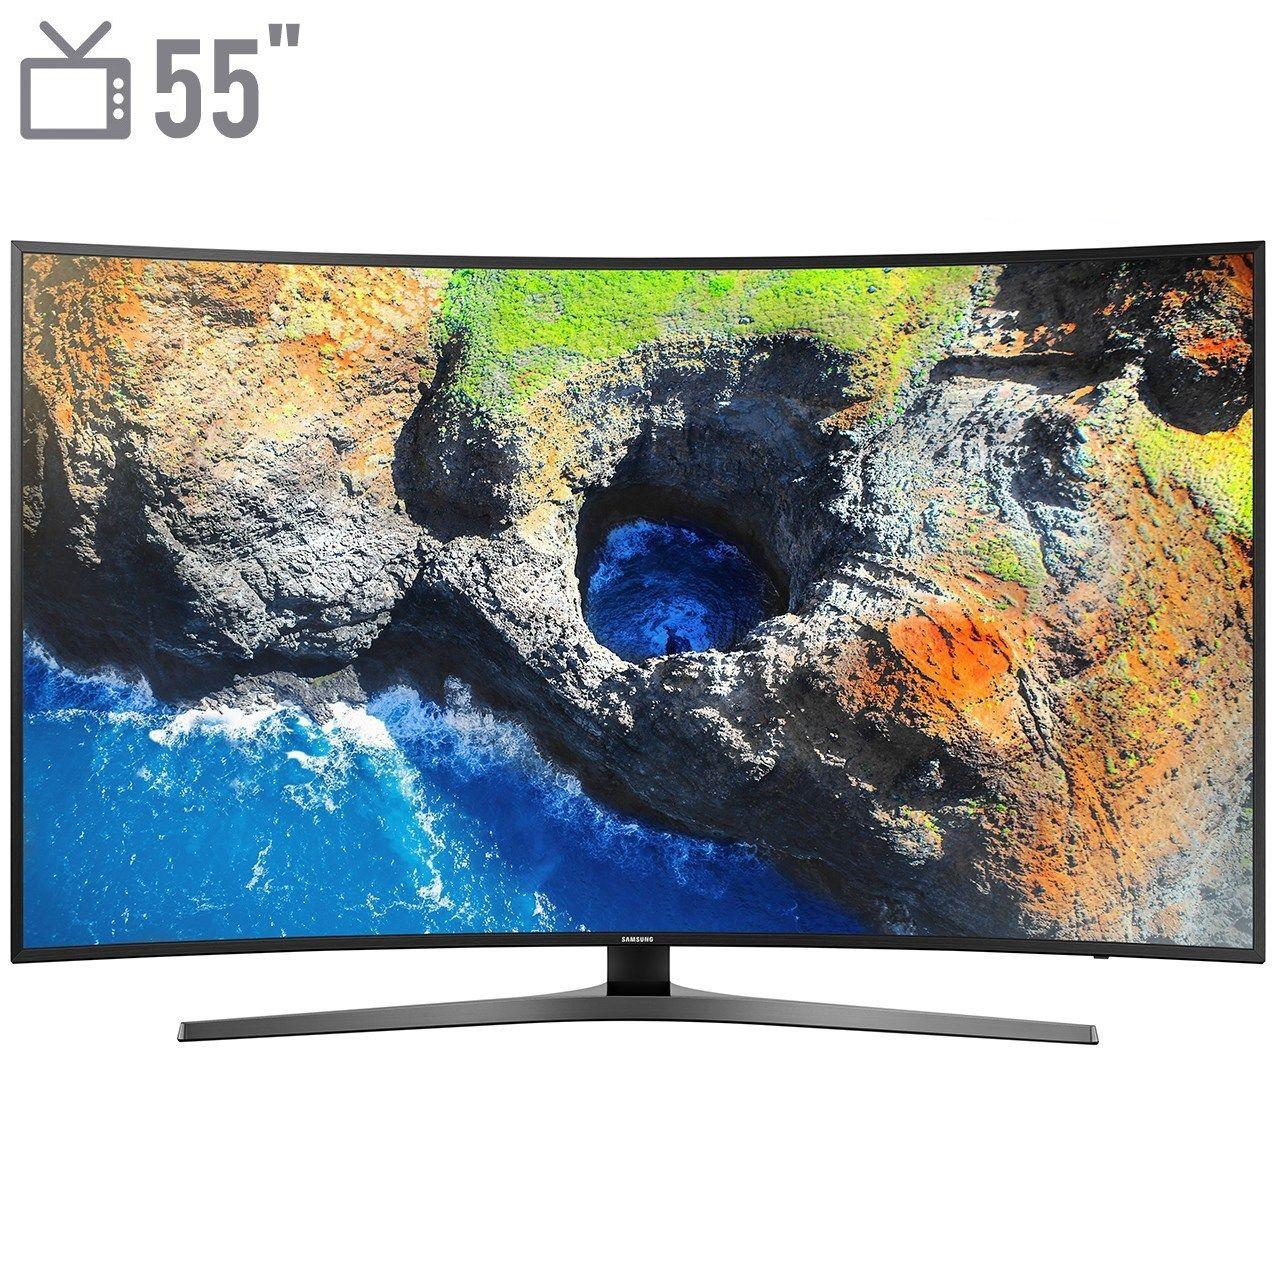 خرید تلویزیون ال ای دی هوشمند خمیده سامسونگ مدل 55nu7950 سایز 55 اینچ با قیمت مناسب خرید تلویزیون ال ای دی هوشمند خمیده سامسونگ مدل 55n Smart Tv Led Tv Samsung